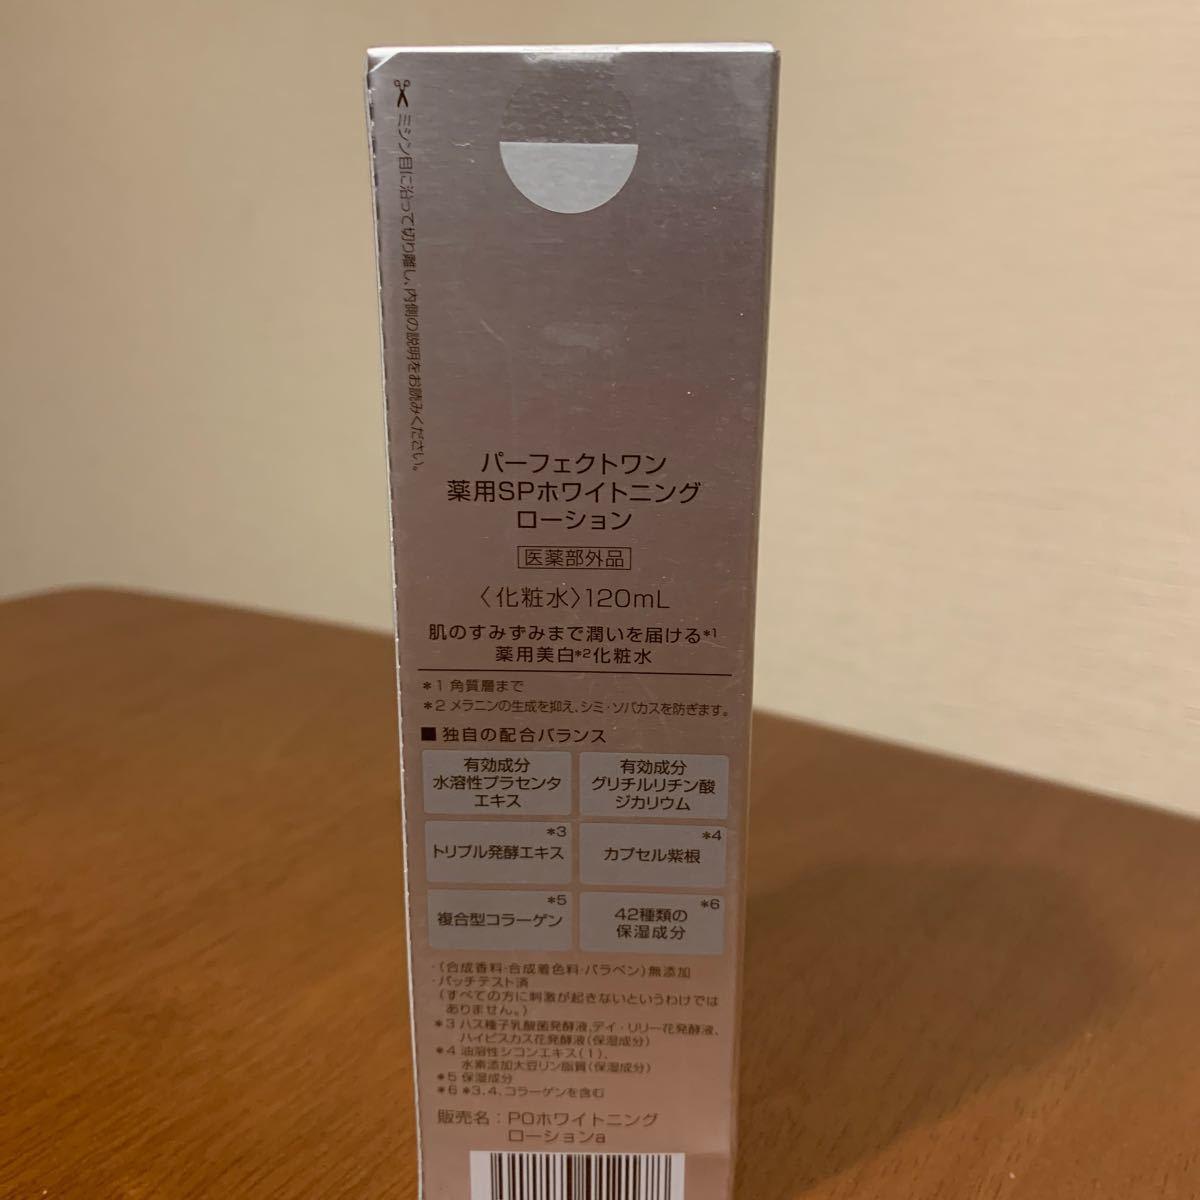 パーフェクトワン薬用SP ホワイトニング ローション    POホワイトニングローションa 新日本製薬パーフェクトワン